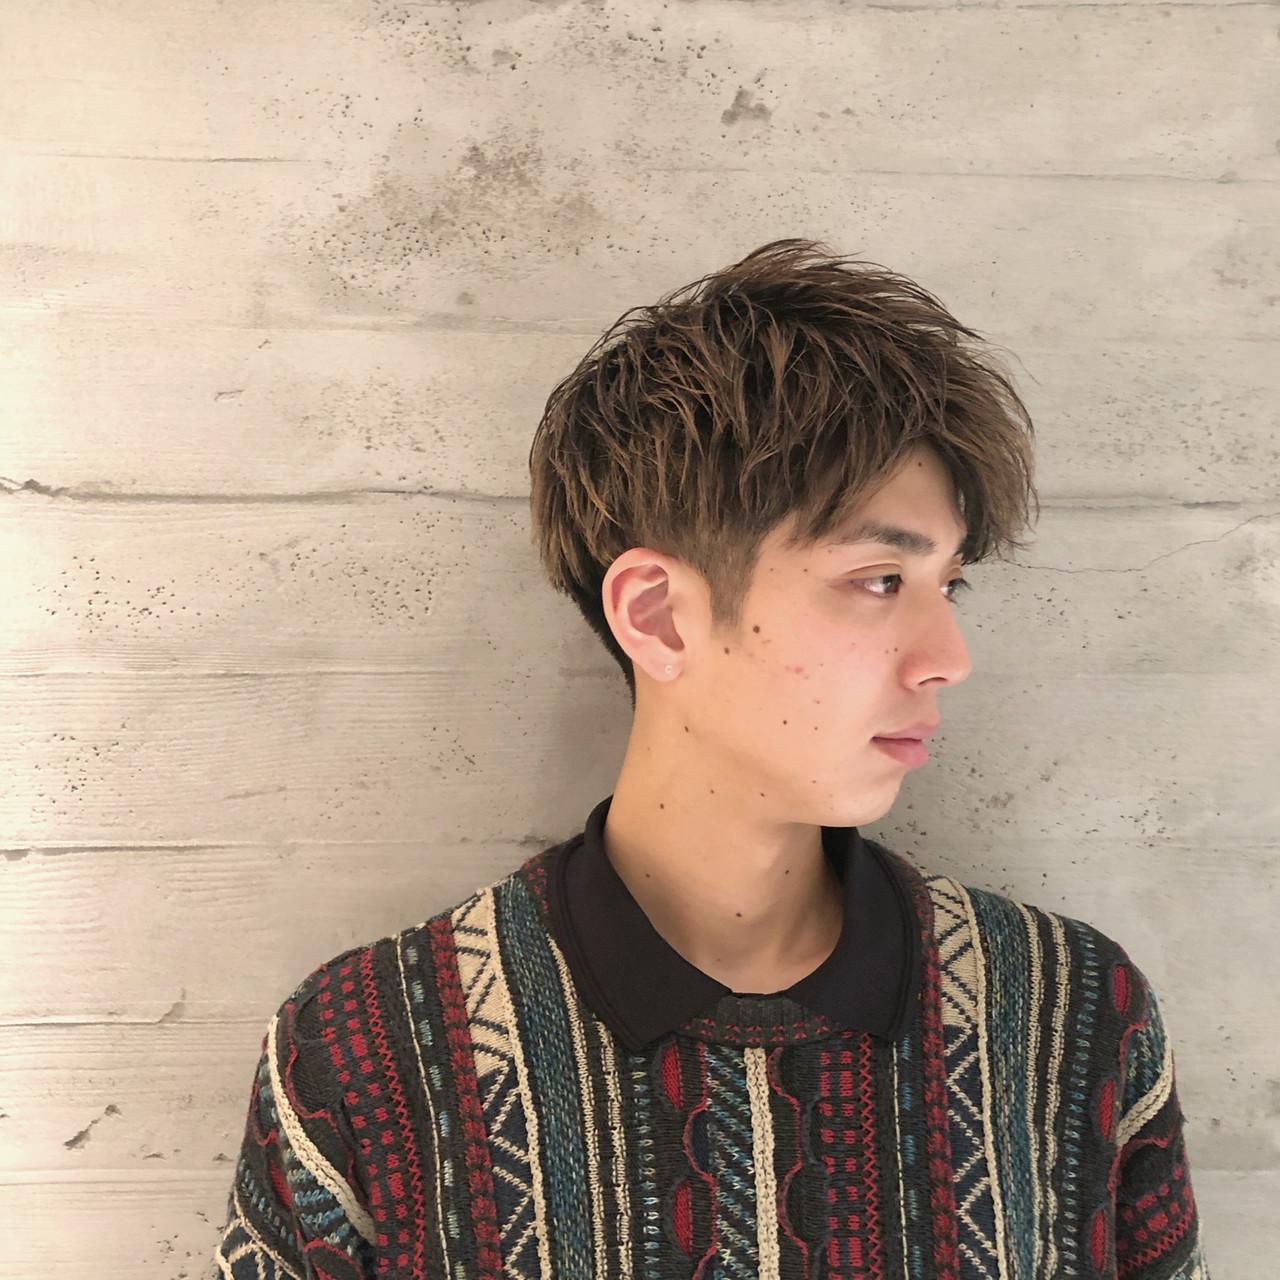 刈り上げ ショート メンズ ナチュラル ヘアスタイルや髪型の写真・画像 | メンズ専門美容師 菊地陸 / MEN'S GROOMING SALON SHINJUKU